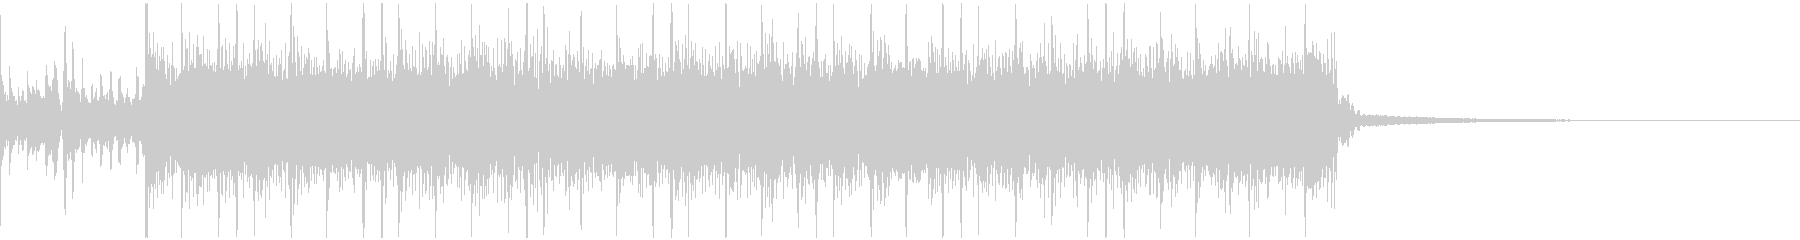 シンプルなメタルリフジングルの未再生の波形